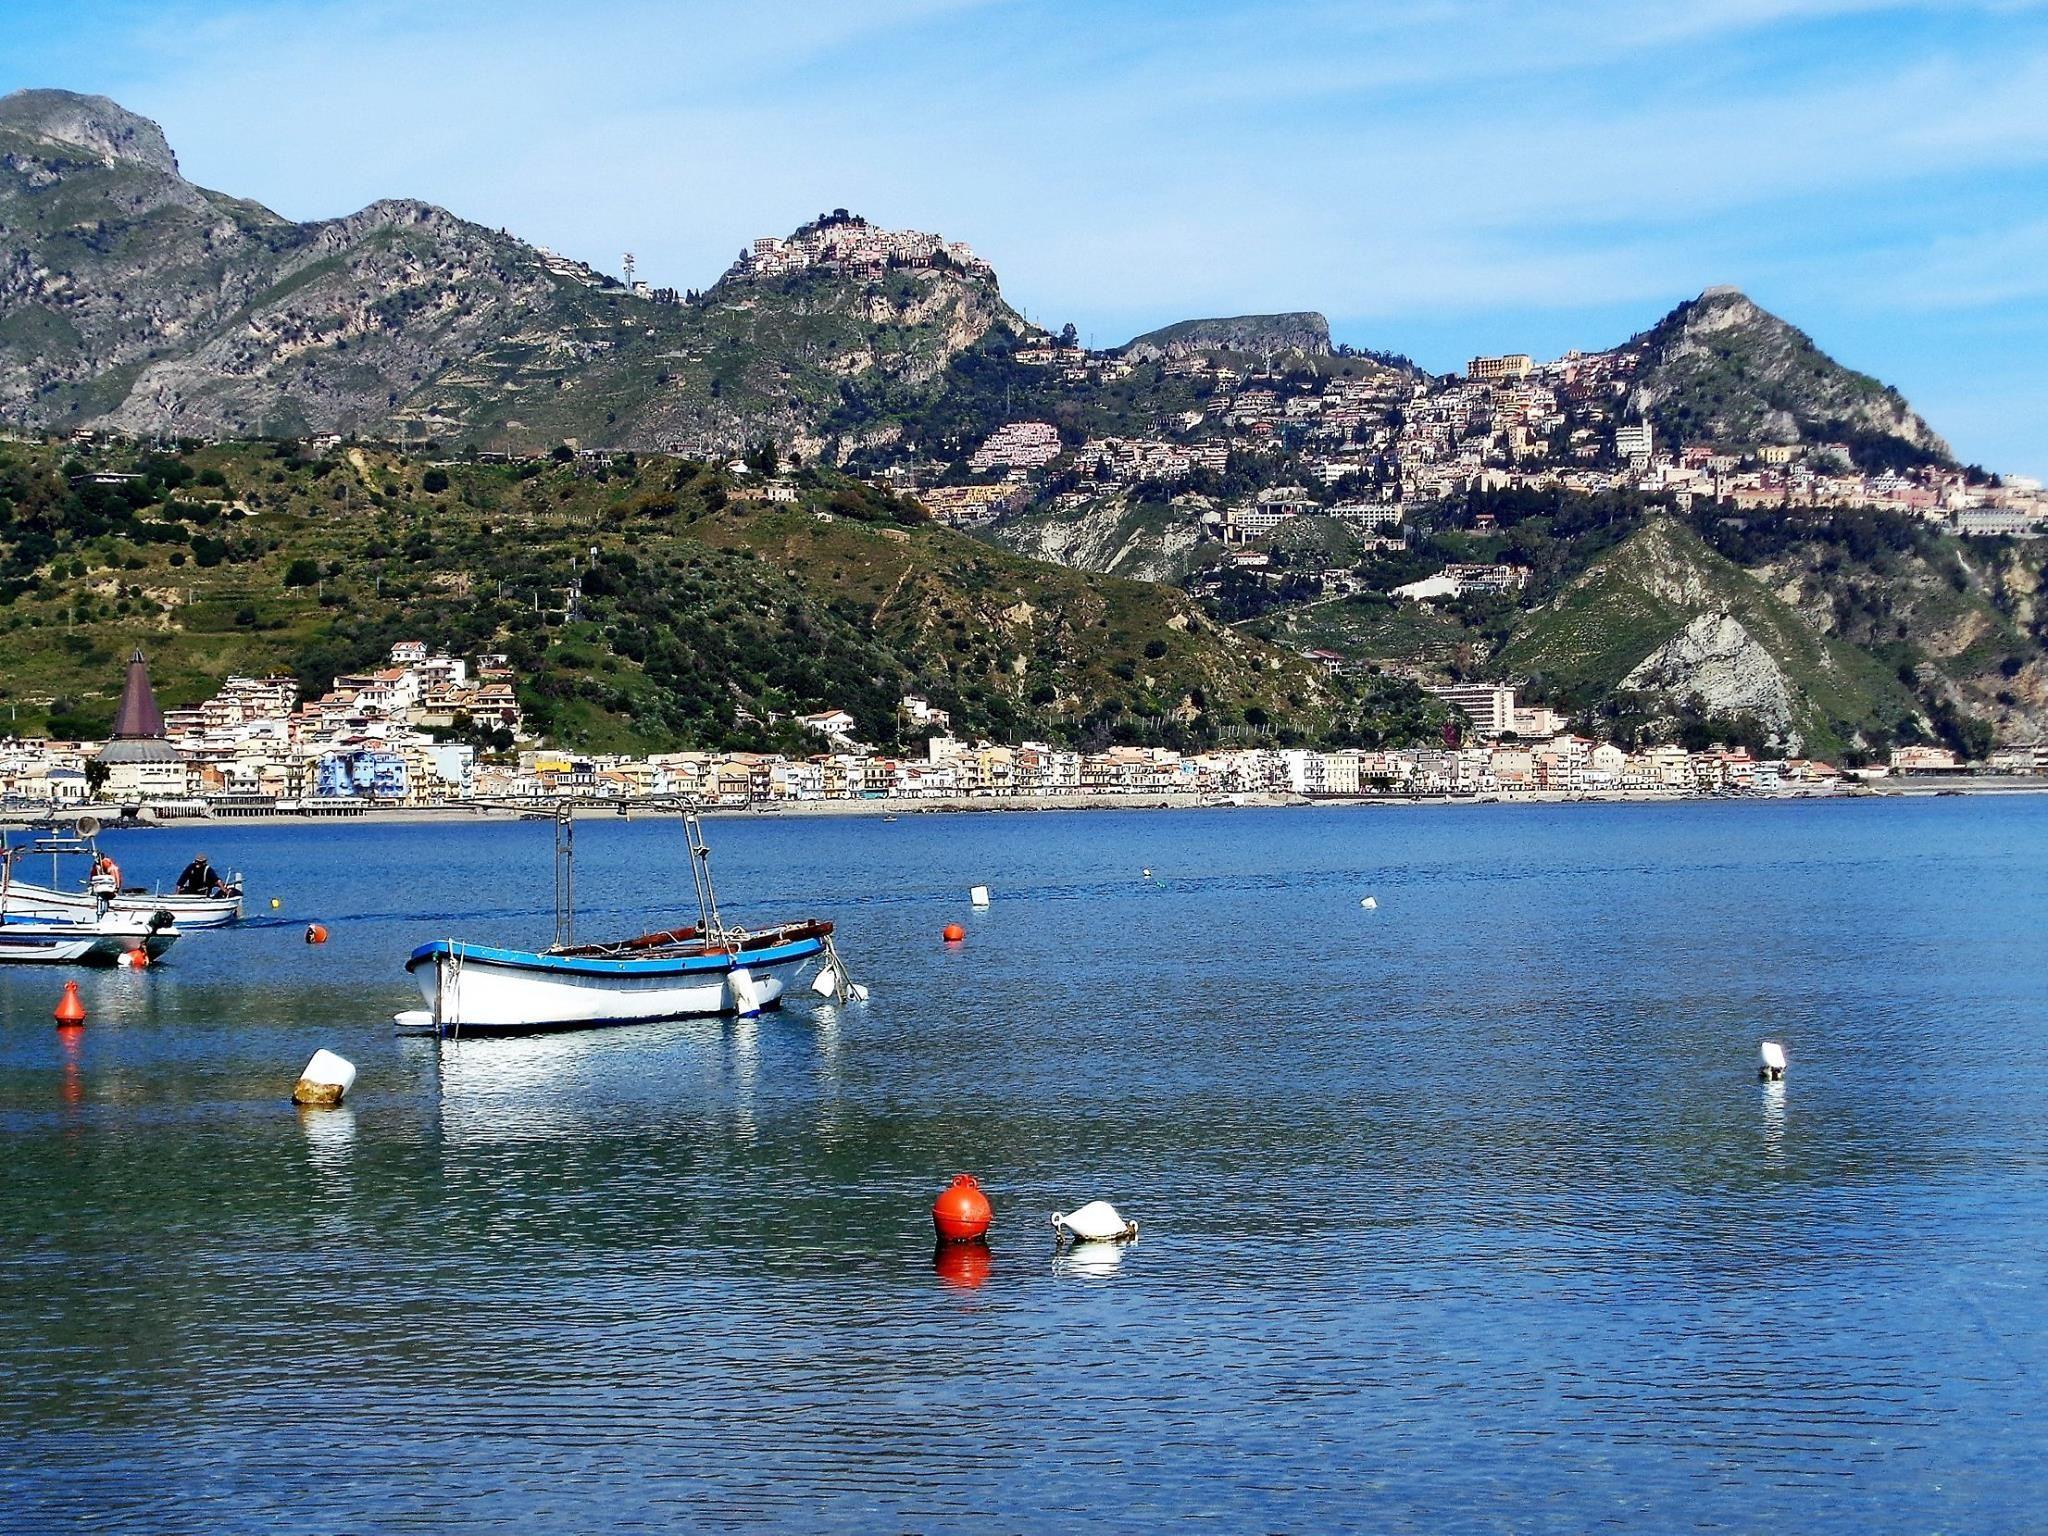 Pagina Ufficiale Con Immagini Turismo Sicilia Foto